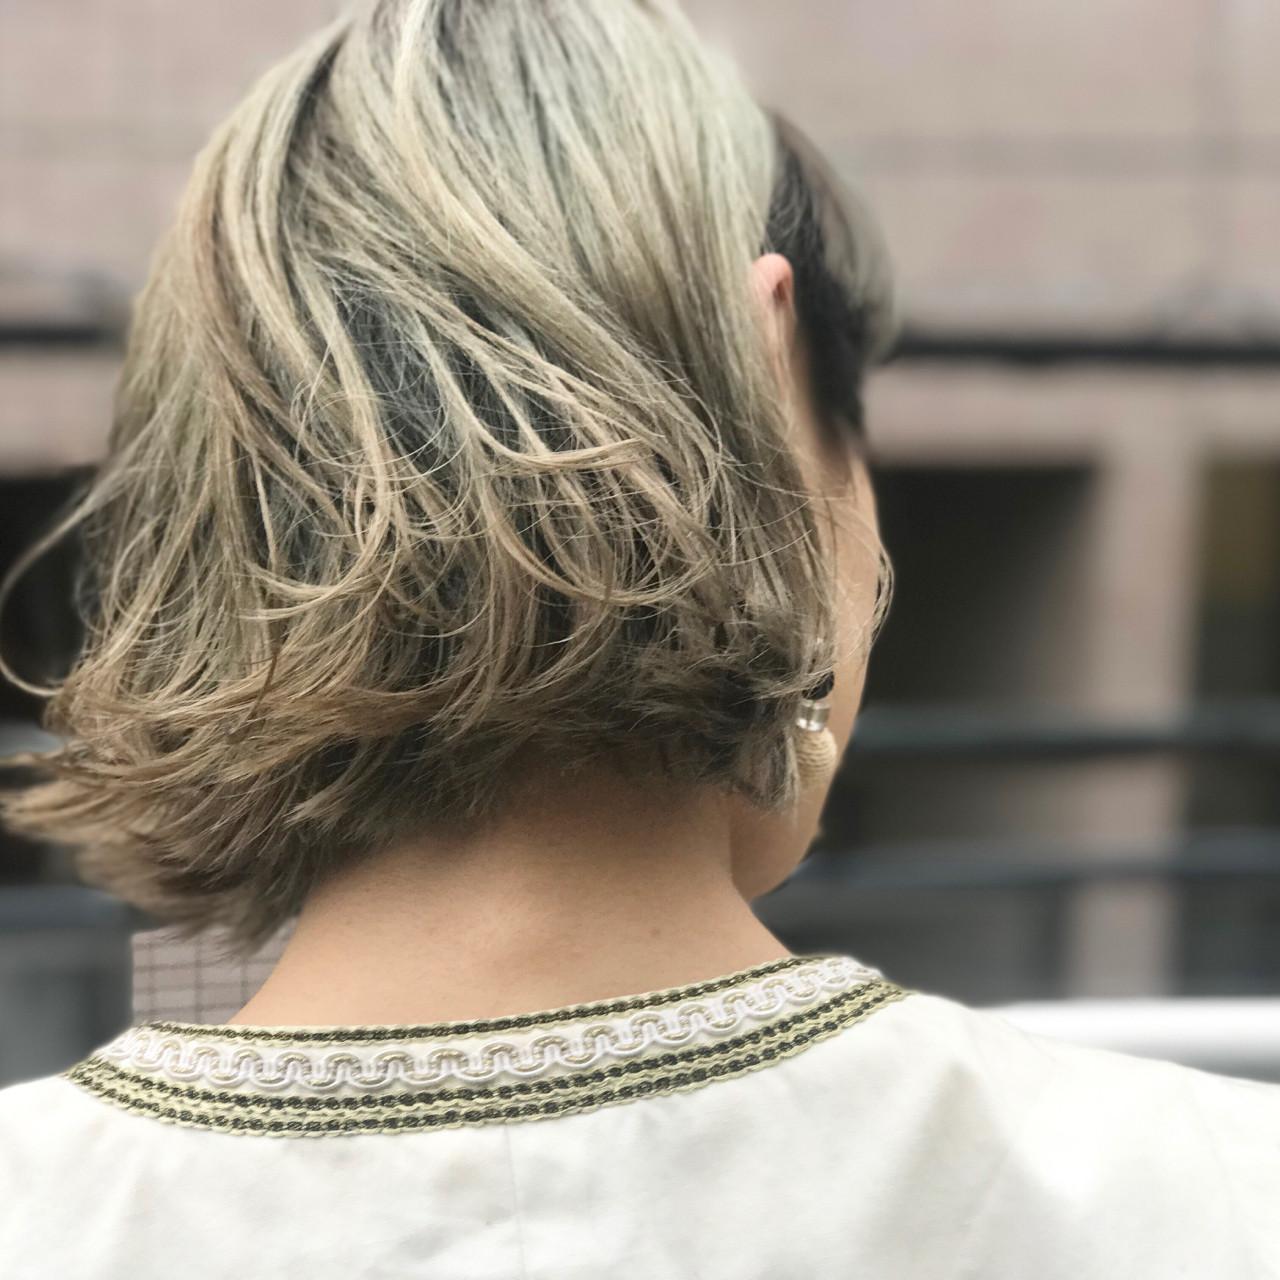 外国人風のクセ毛のようなイメージのボブです。外ハネスタイルで、揺れ感と透け感が強調されイイ感じですね!